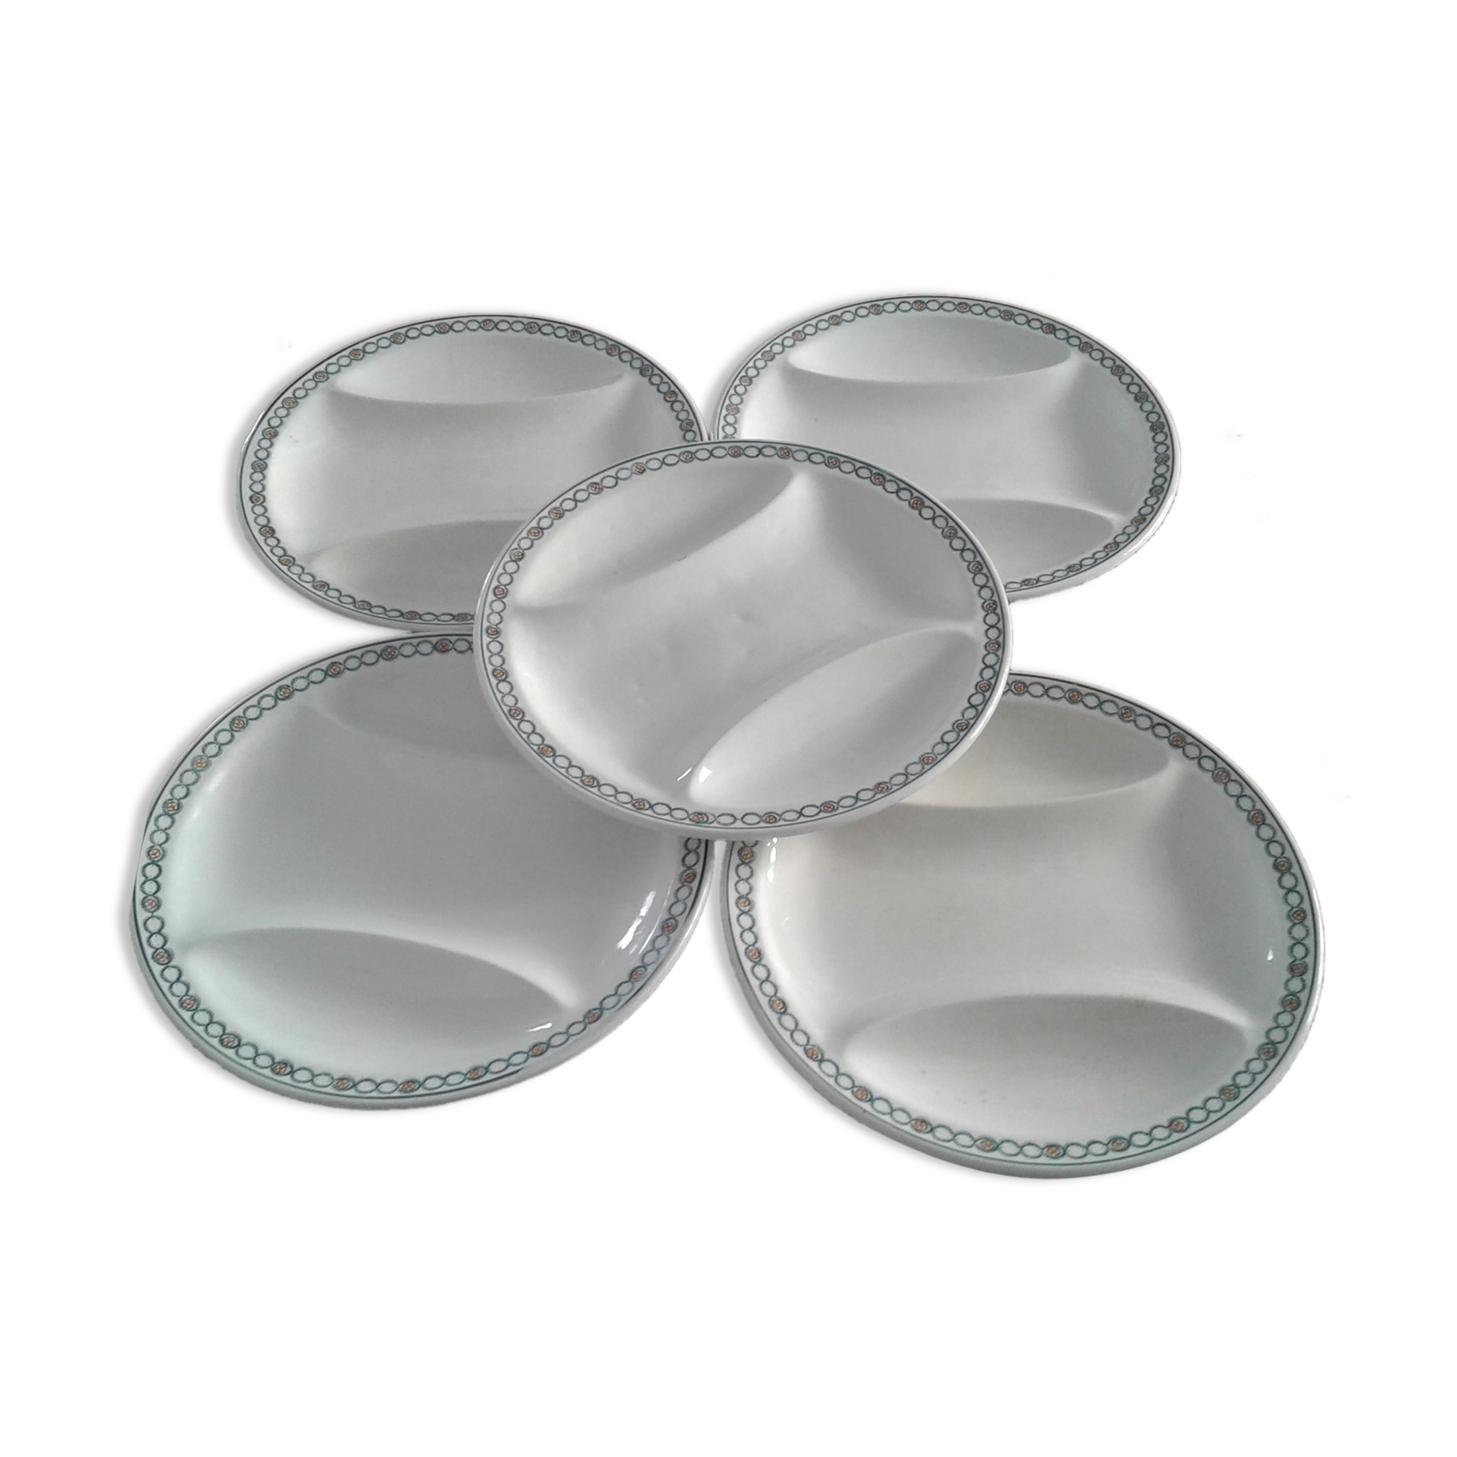 5 assiettes à  asperges, Longwy model printemps